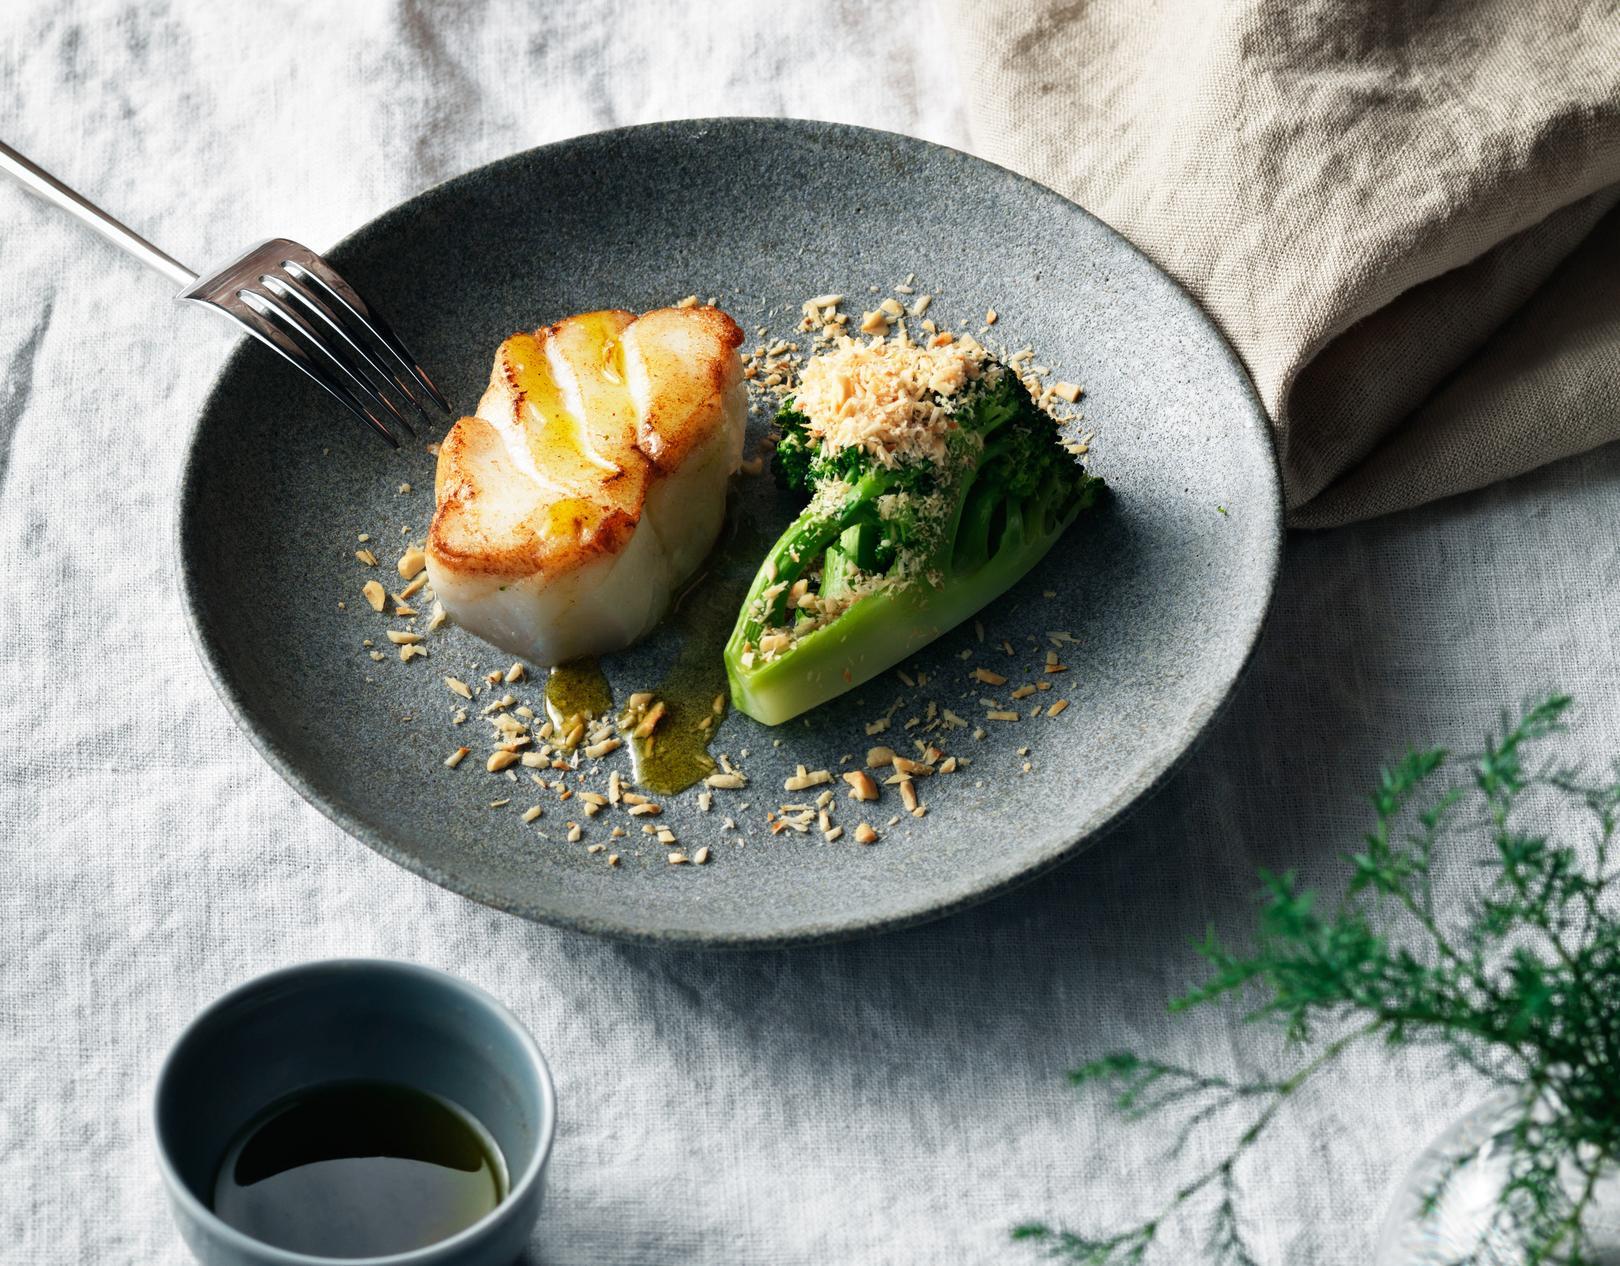 Skrei in der Pfanne gebraten mit Brokkoli und Haselnüssen